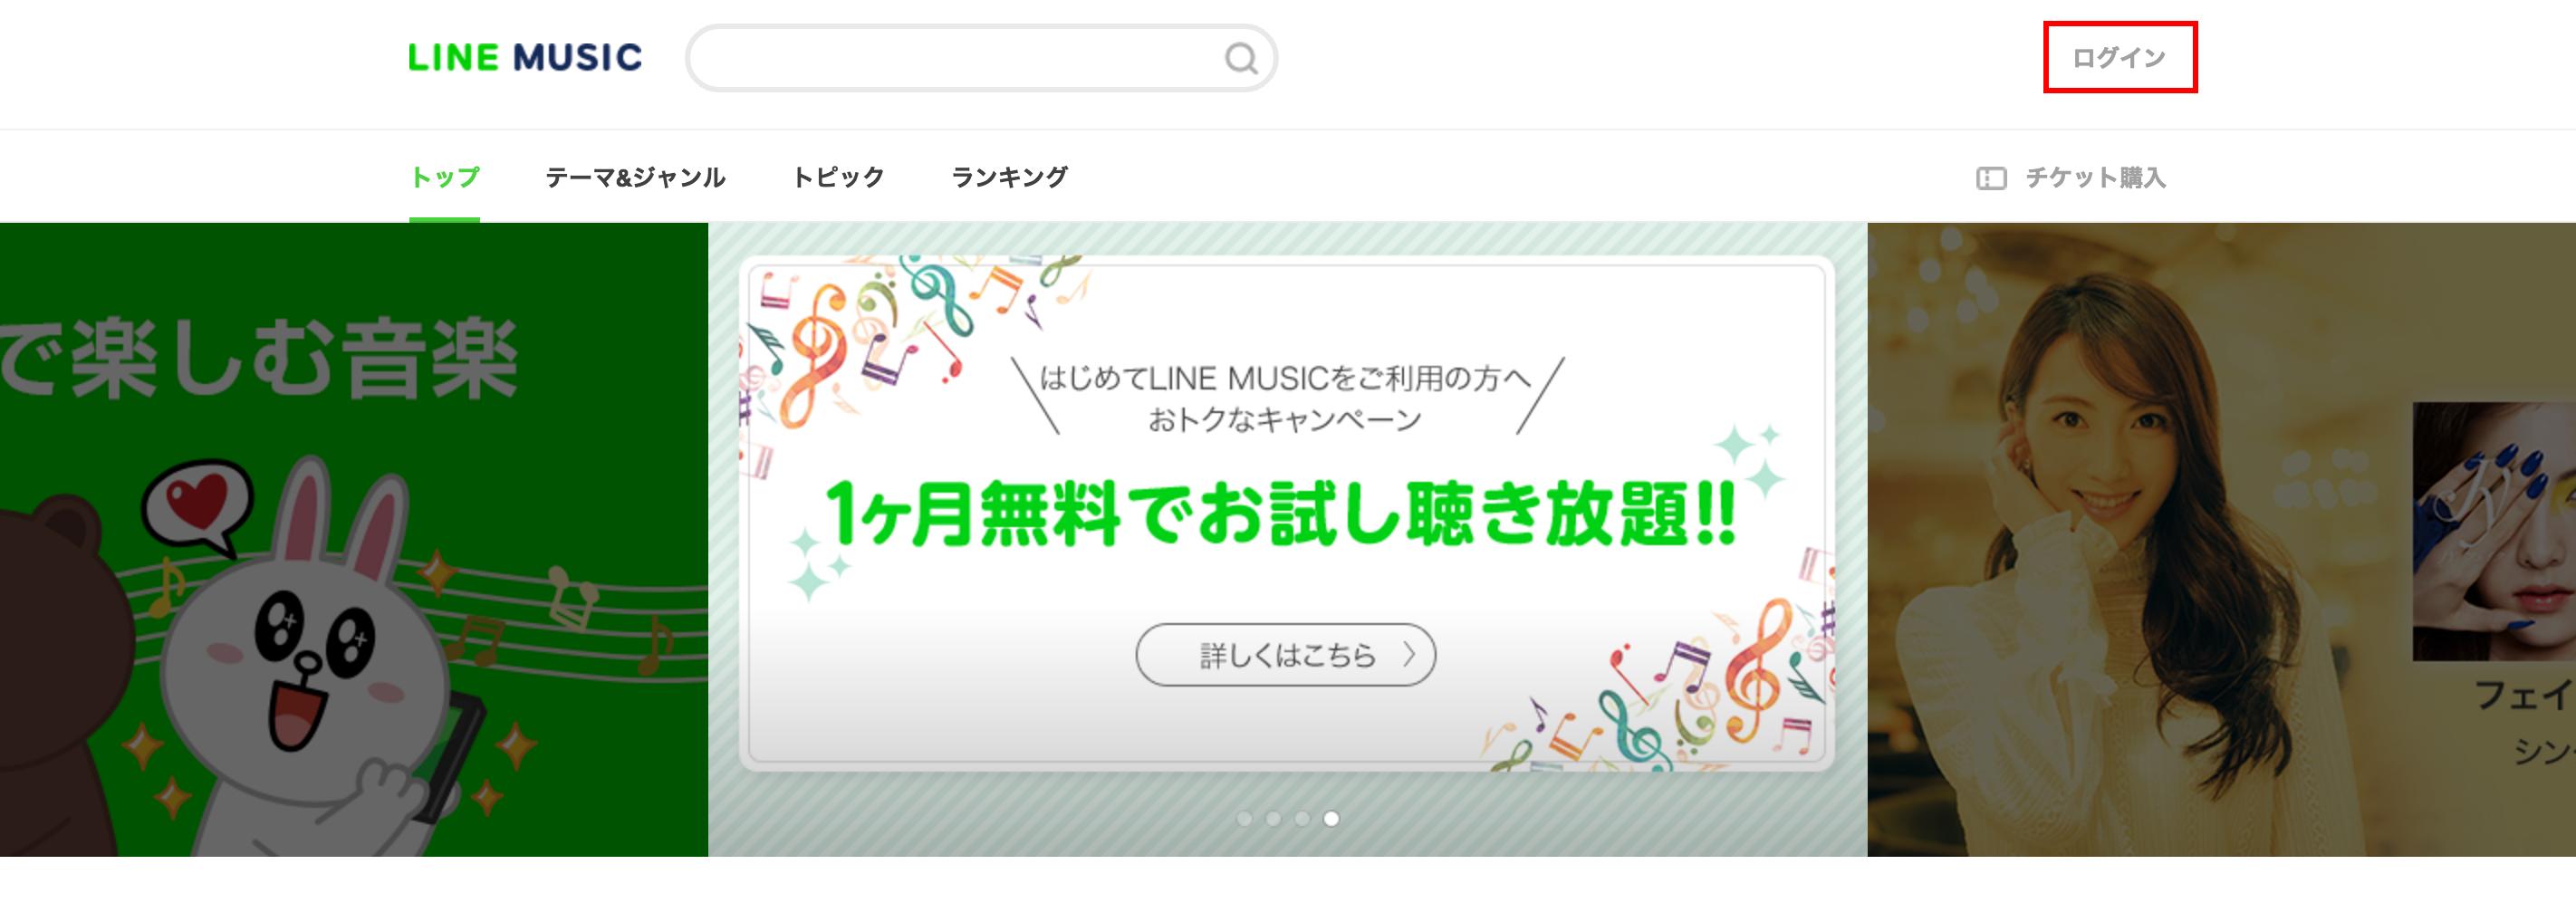 LINE MUSICの音楽をPC(パソコン)で聴く方法って?ブラウザ版に簡単ログイン!